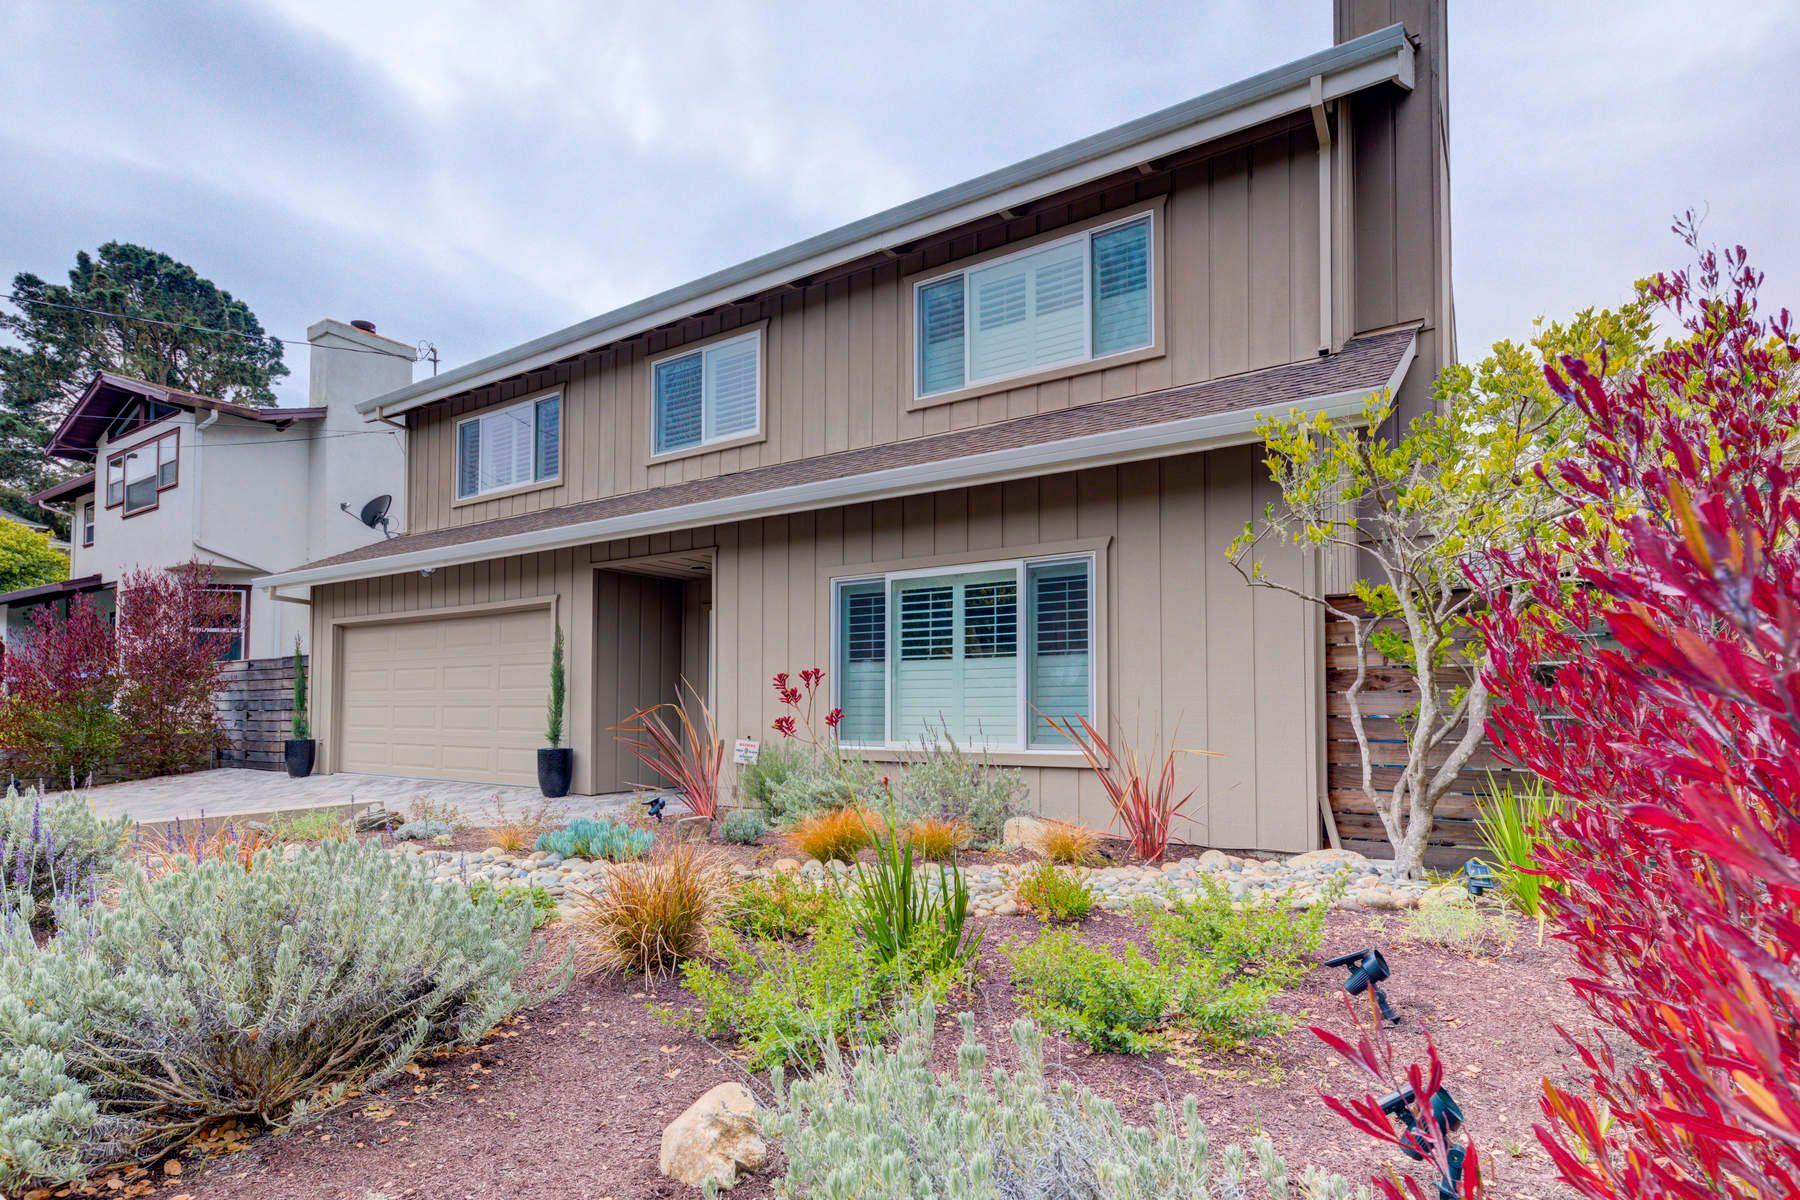 단독 가정 주택 용 매매 에 Wow Factor in Pacific Grove 304 Locust Street, Pacific Grove, 캘리포니아, 93950 미국